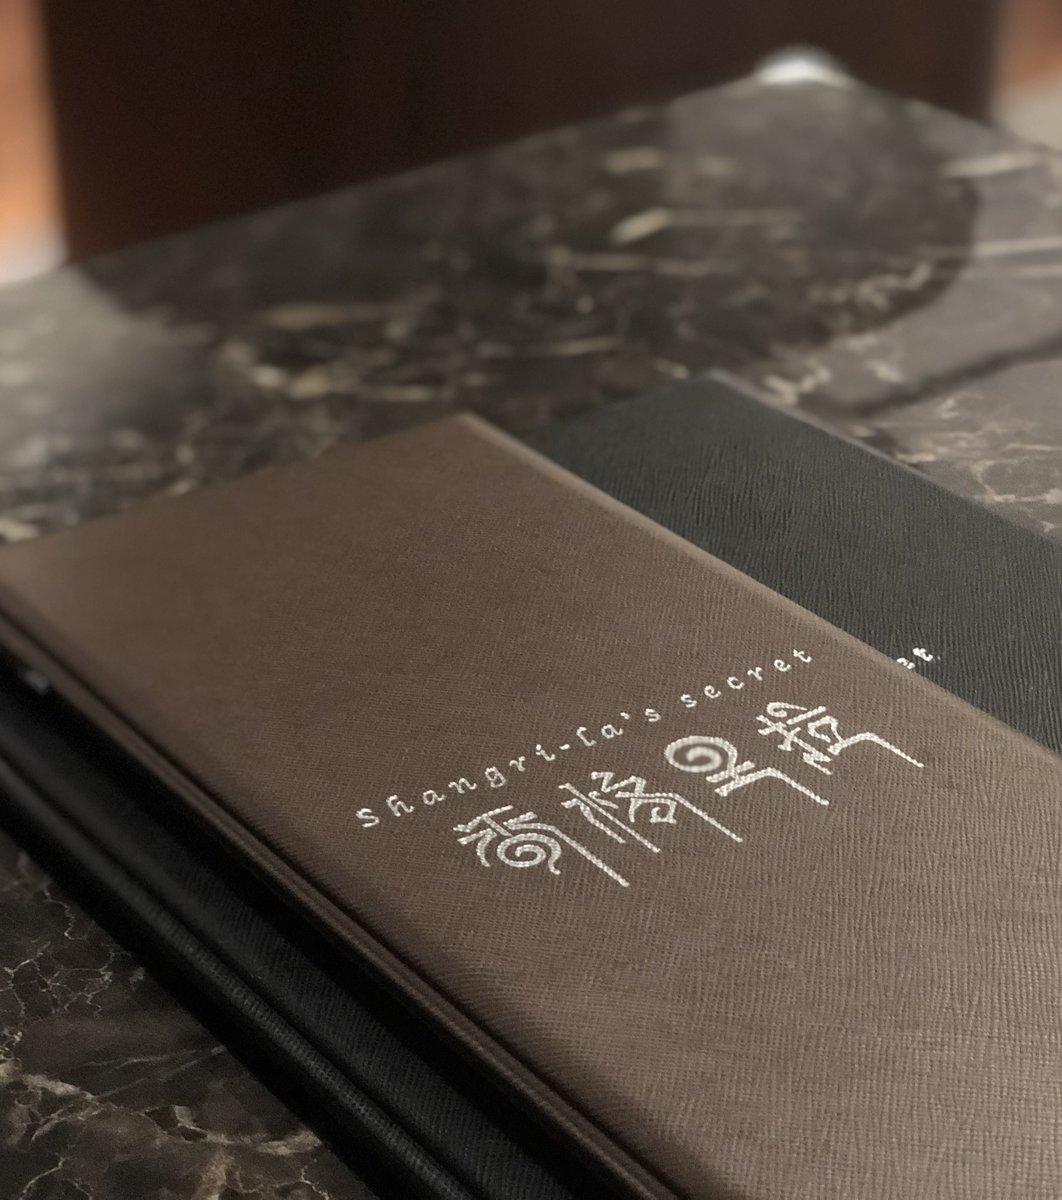 Shangrila's secret銀座店